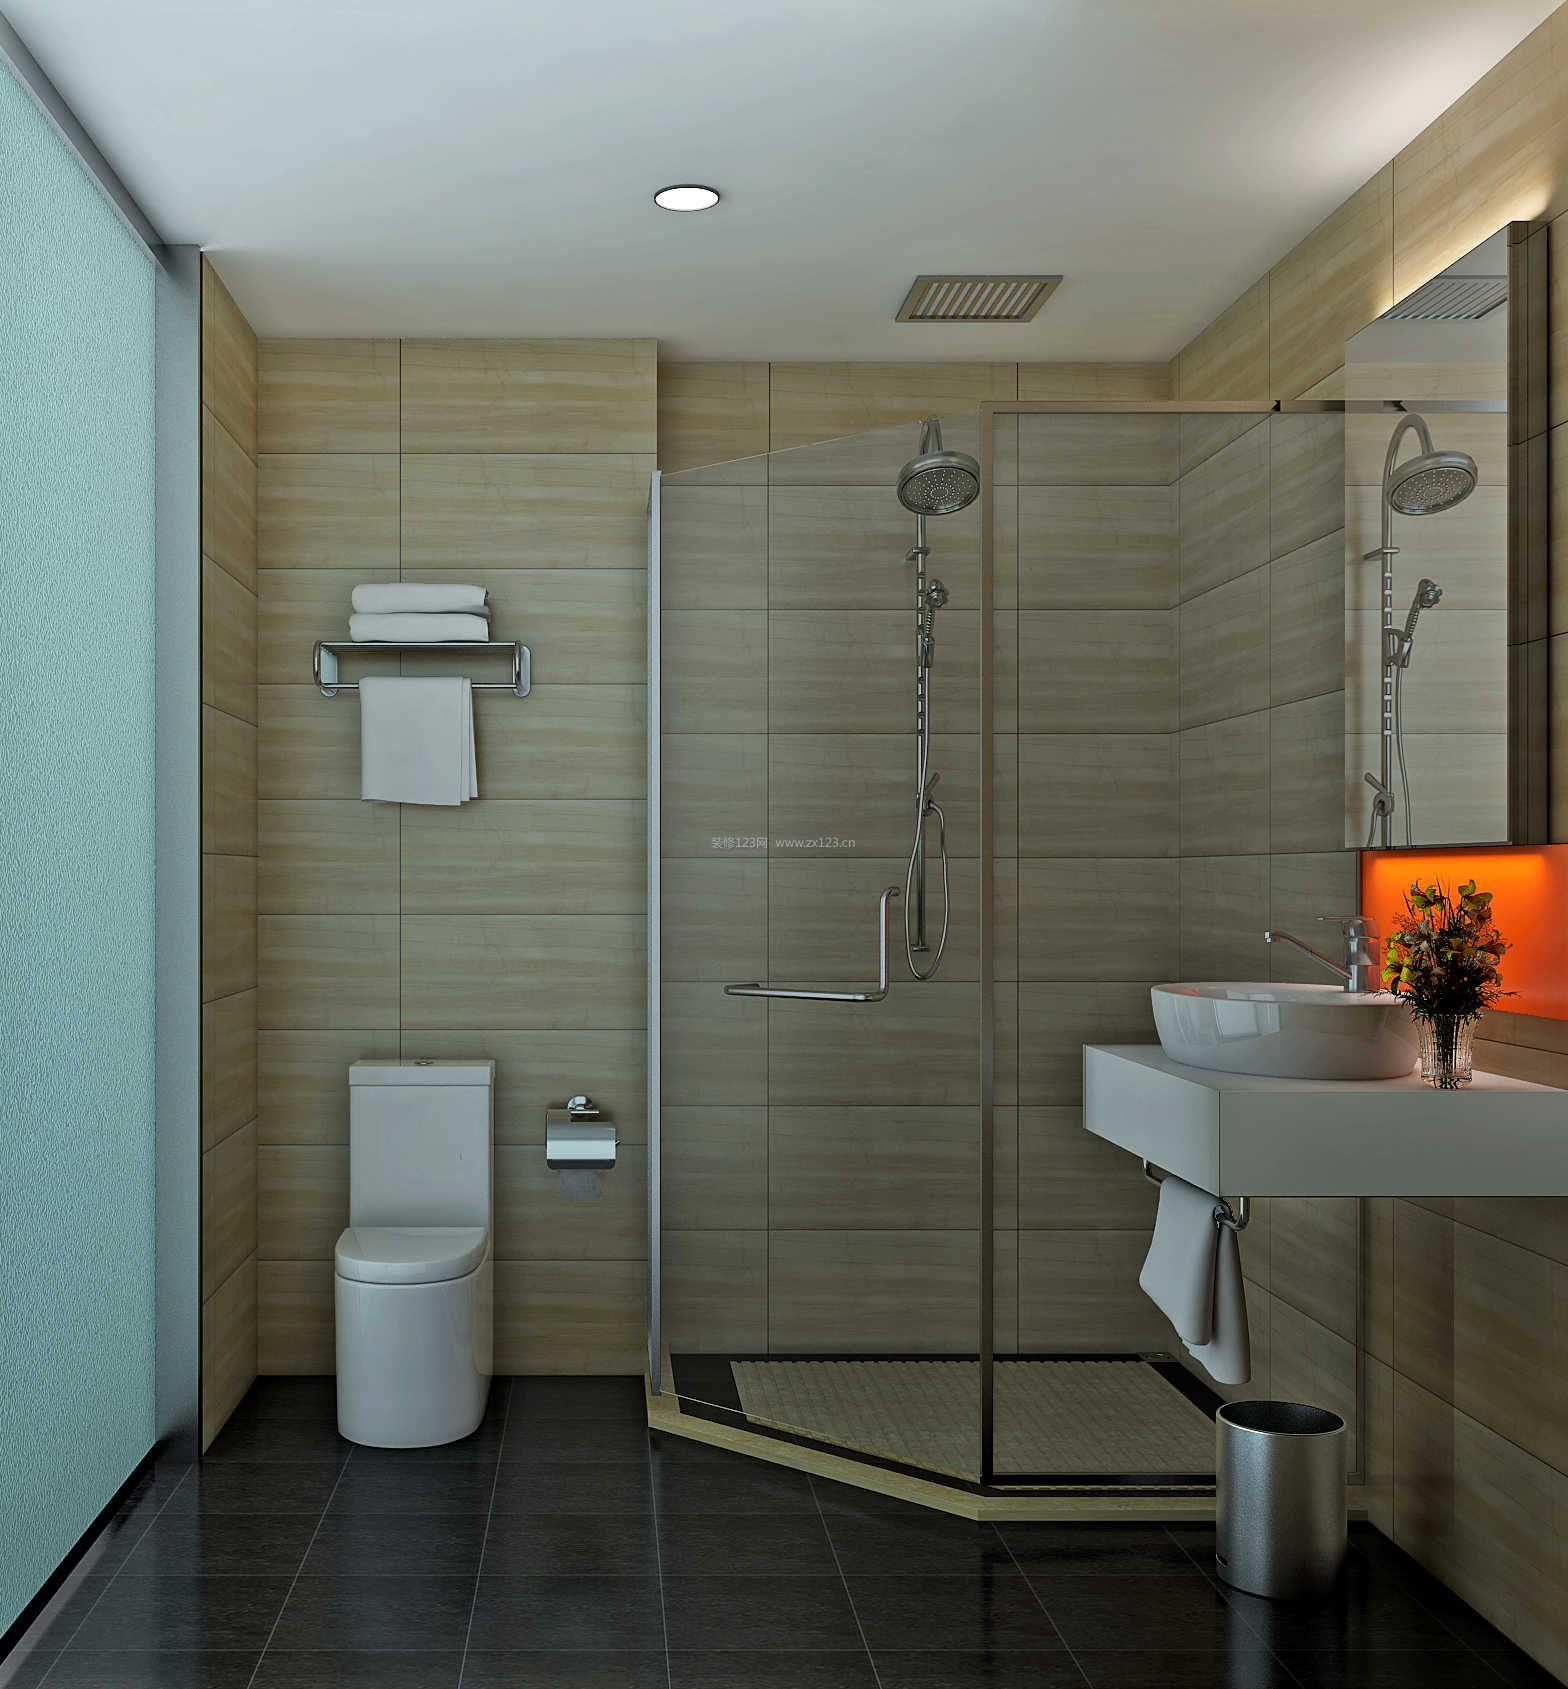 宾馆房间卫生间玻璃淋浴间装修效果图片